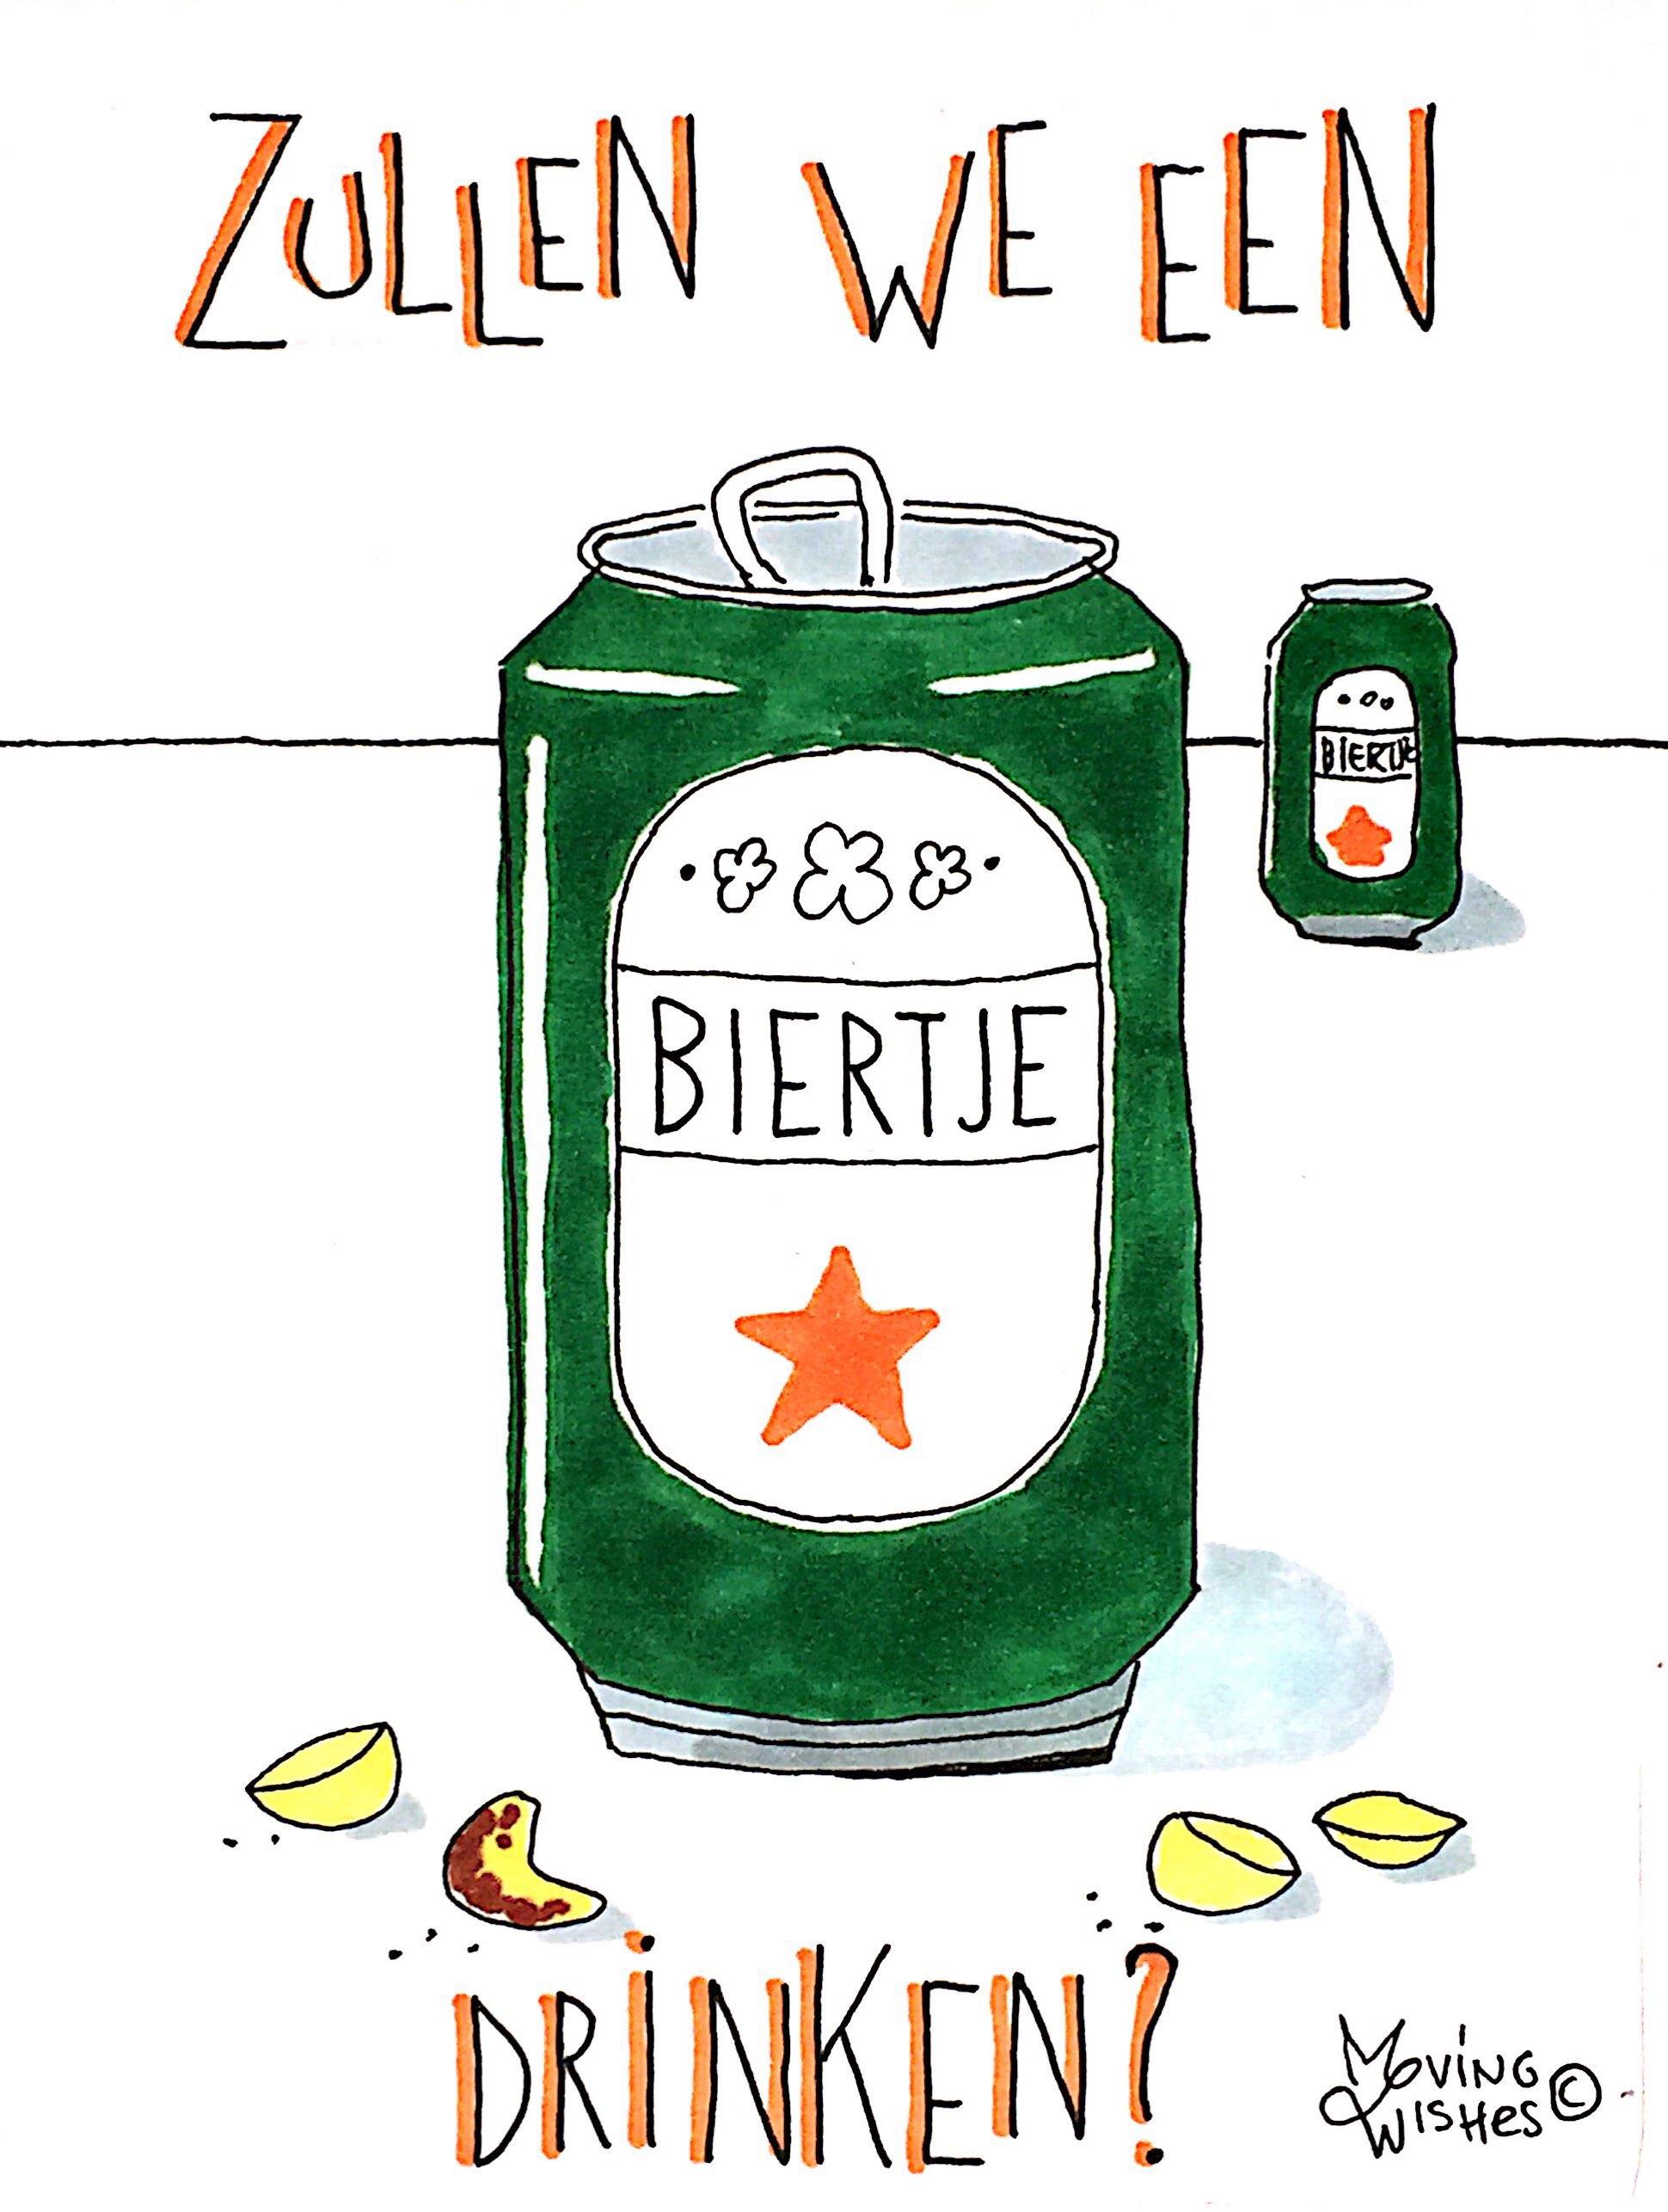 Wenskaart biertje drinken?